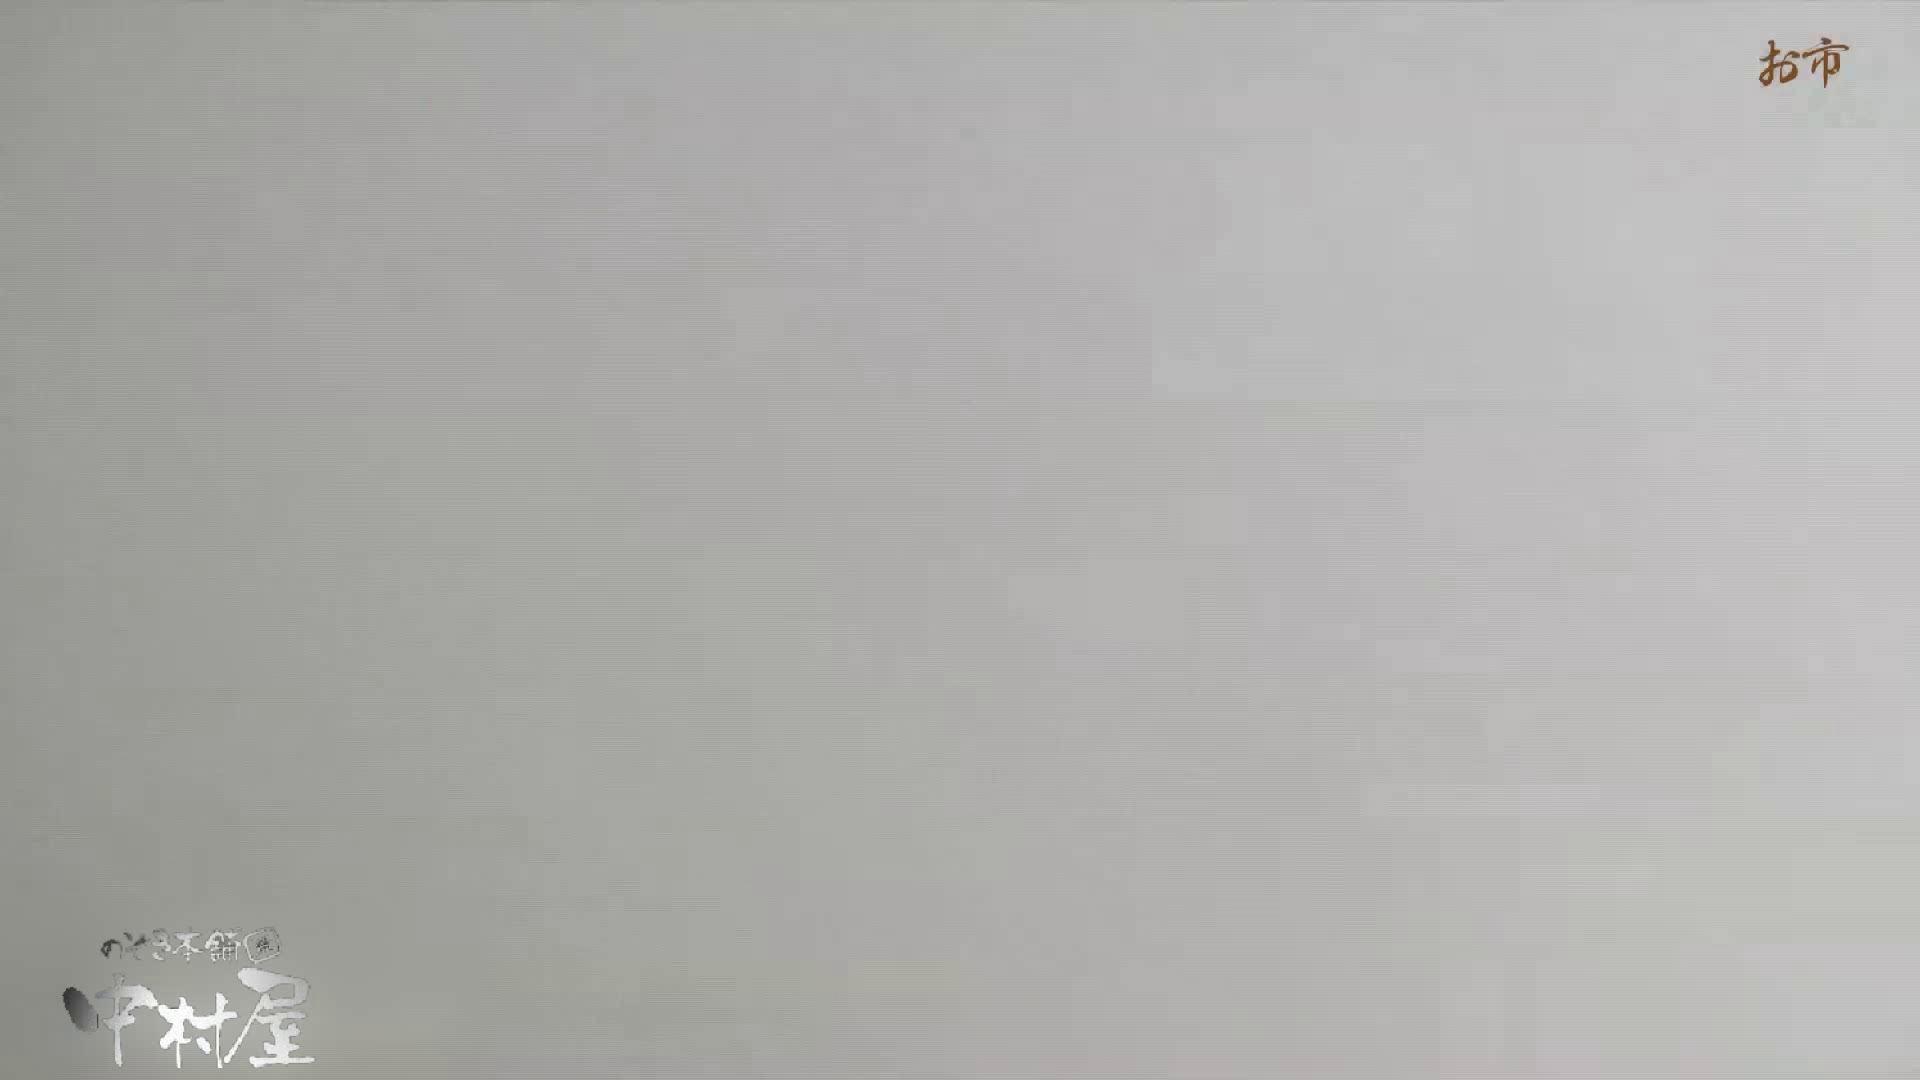 お市さんの「お尻丸出しジャンボリー」No.17 覗き ワレメ無修正動画無料 108枚